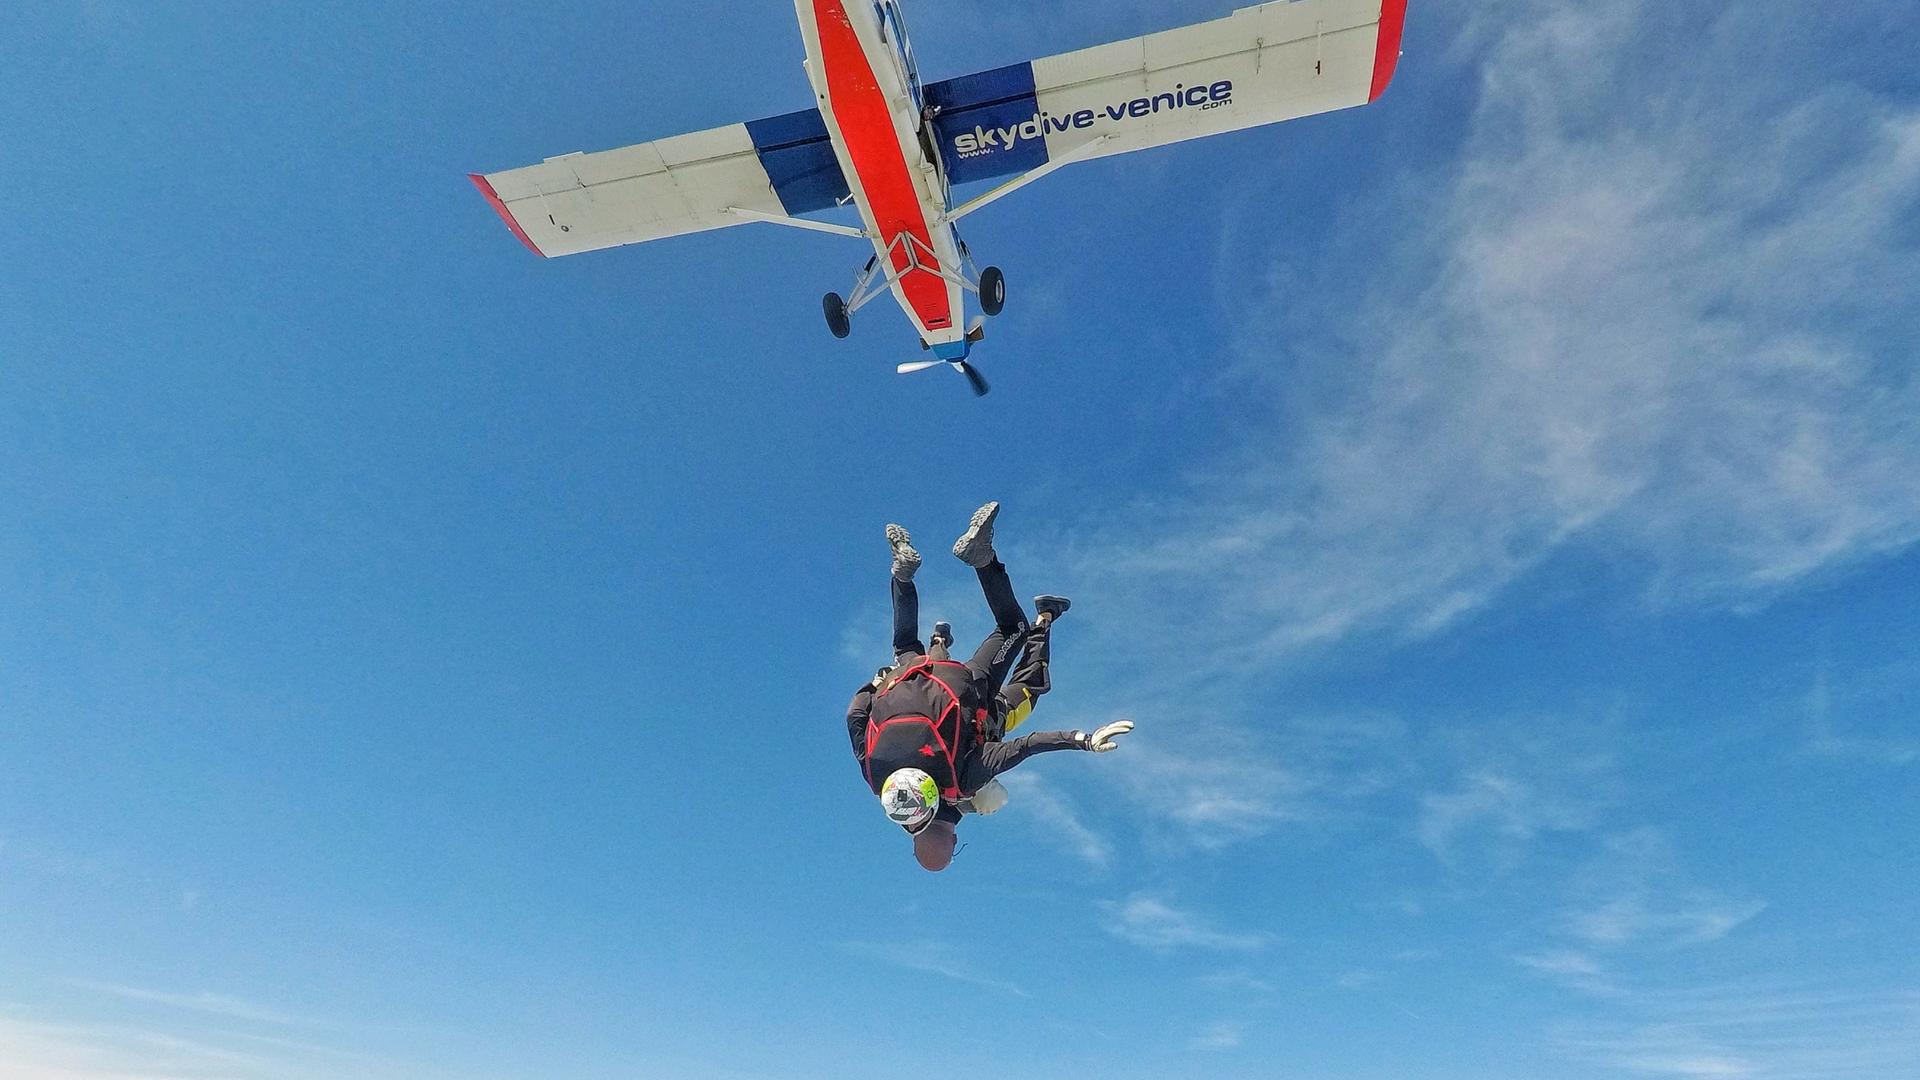 Lancio in tandem col paracadute da 4500m: il racconto di una bellissima esperienza - Skydive Venice